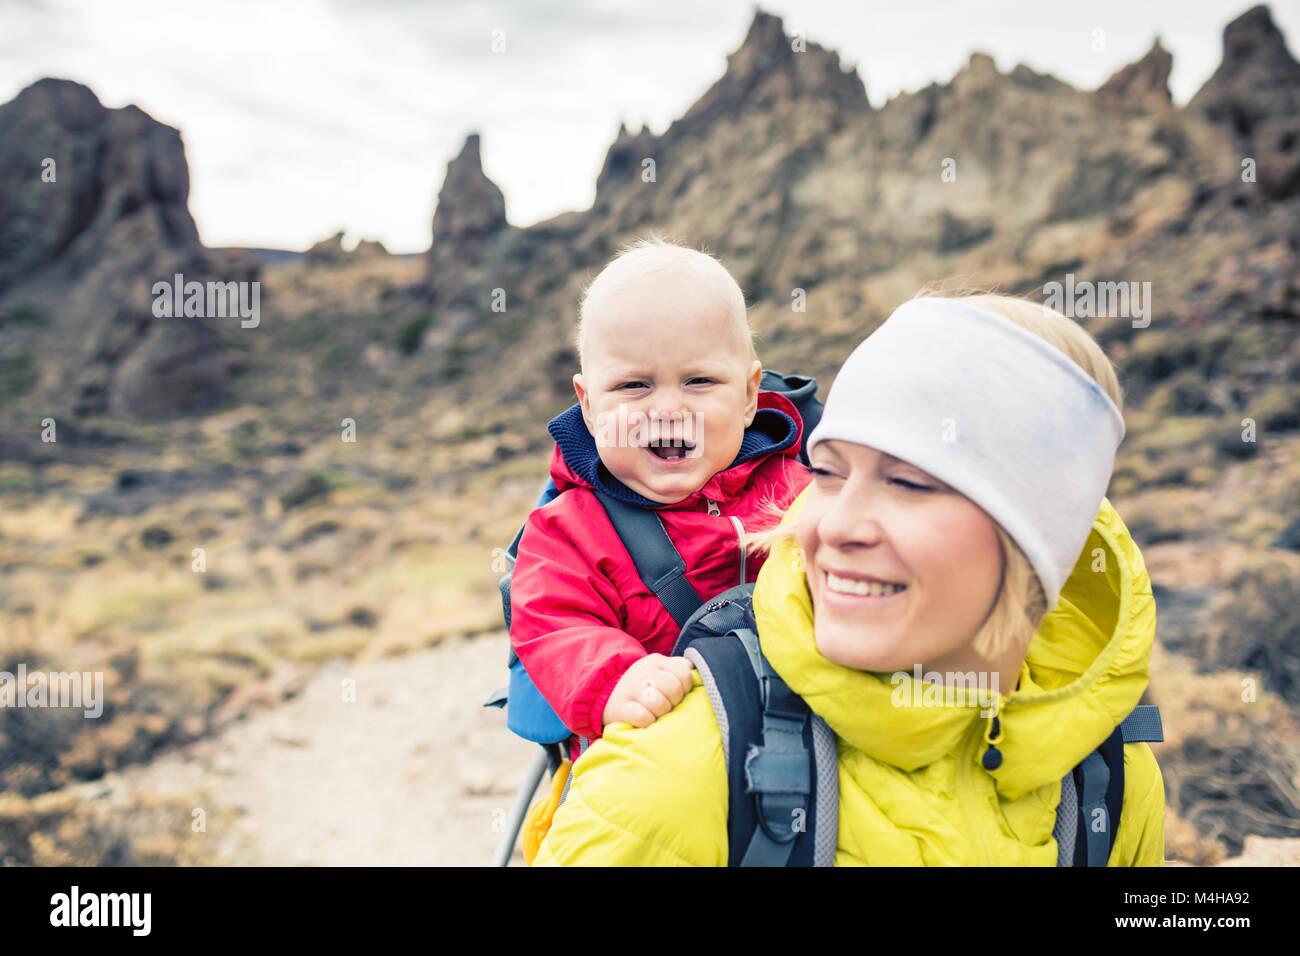 Madre con bambino viaggia nello zaino. Avventura Trekking con bambino in autunno viaggio con la famiglia in montagna. Immagini Stock